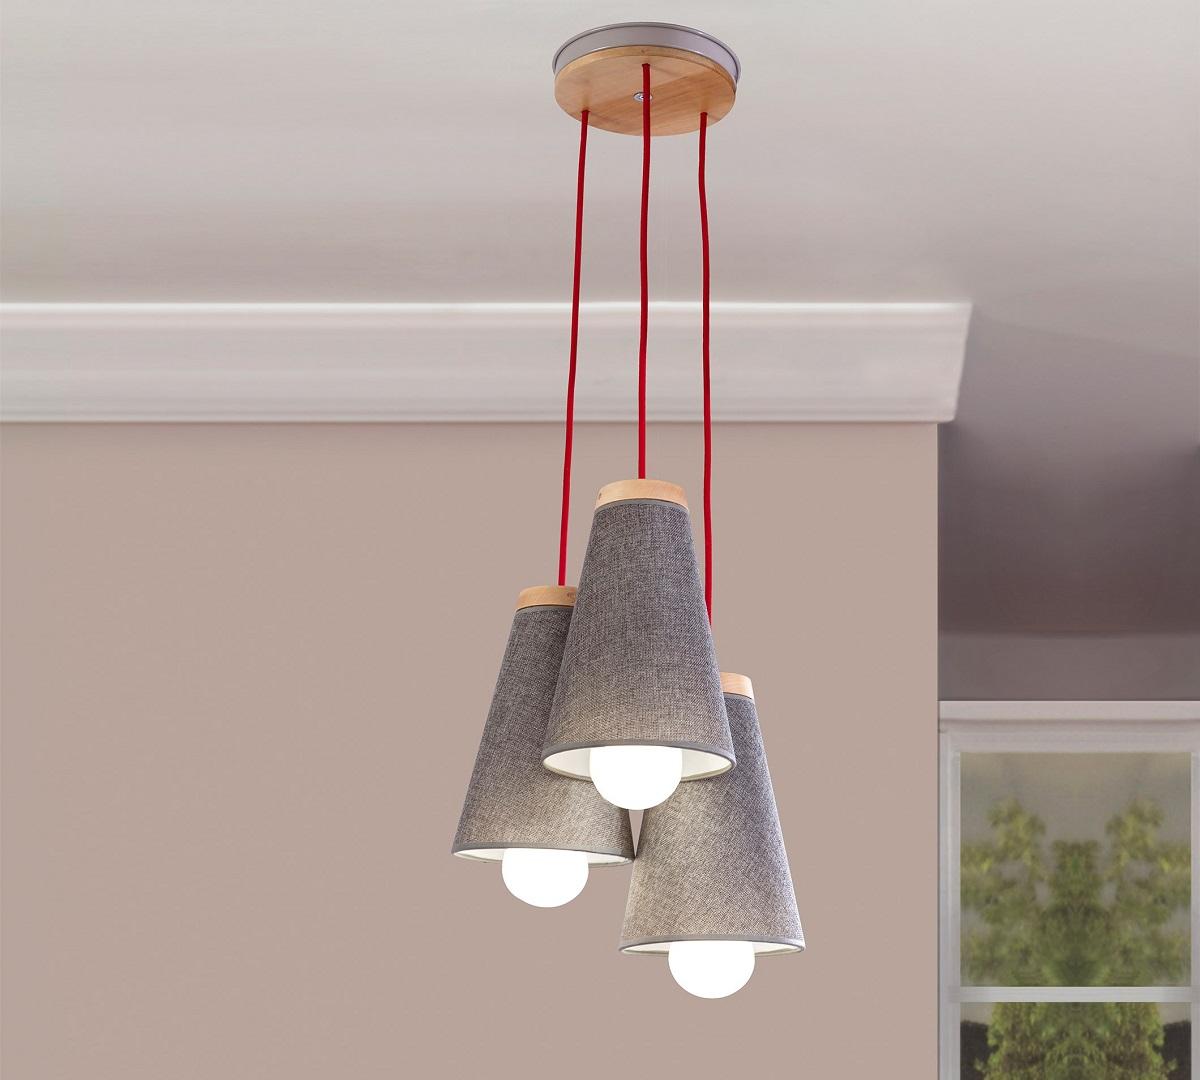 Full Size of Deckenlampen Kinderzimmer Deckenlampe Grau Online Furnart Sofa Wohnzimmer Regal Weiß Modern Für Regale Kinderzimmer Deckenlampen Kinderzimmer